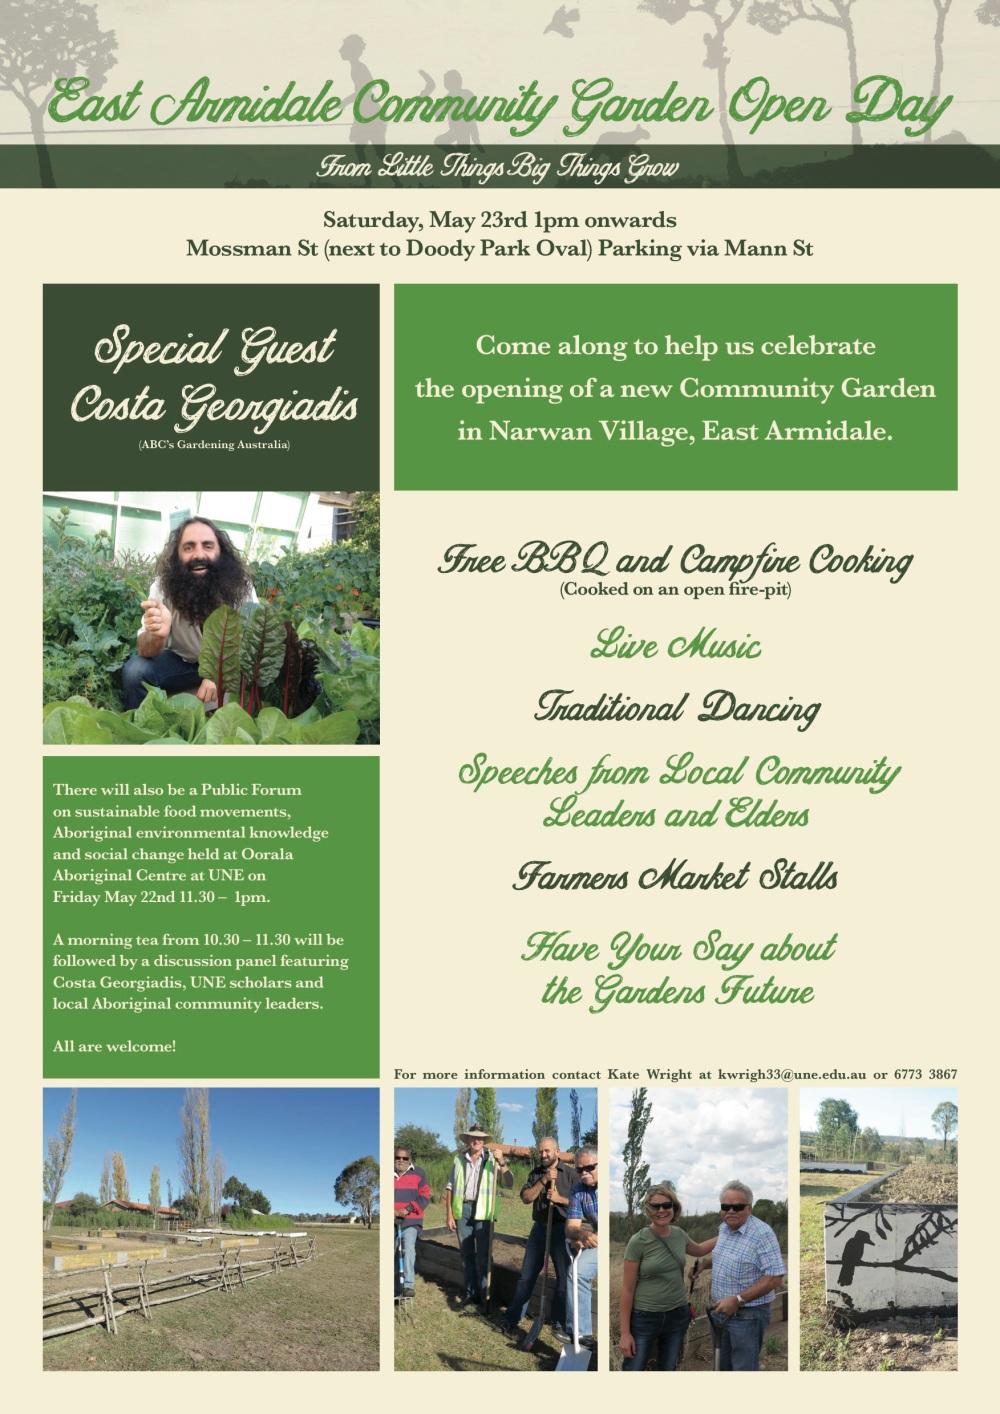 Armidale-Community-Garden-Poster-2015_TM-v4